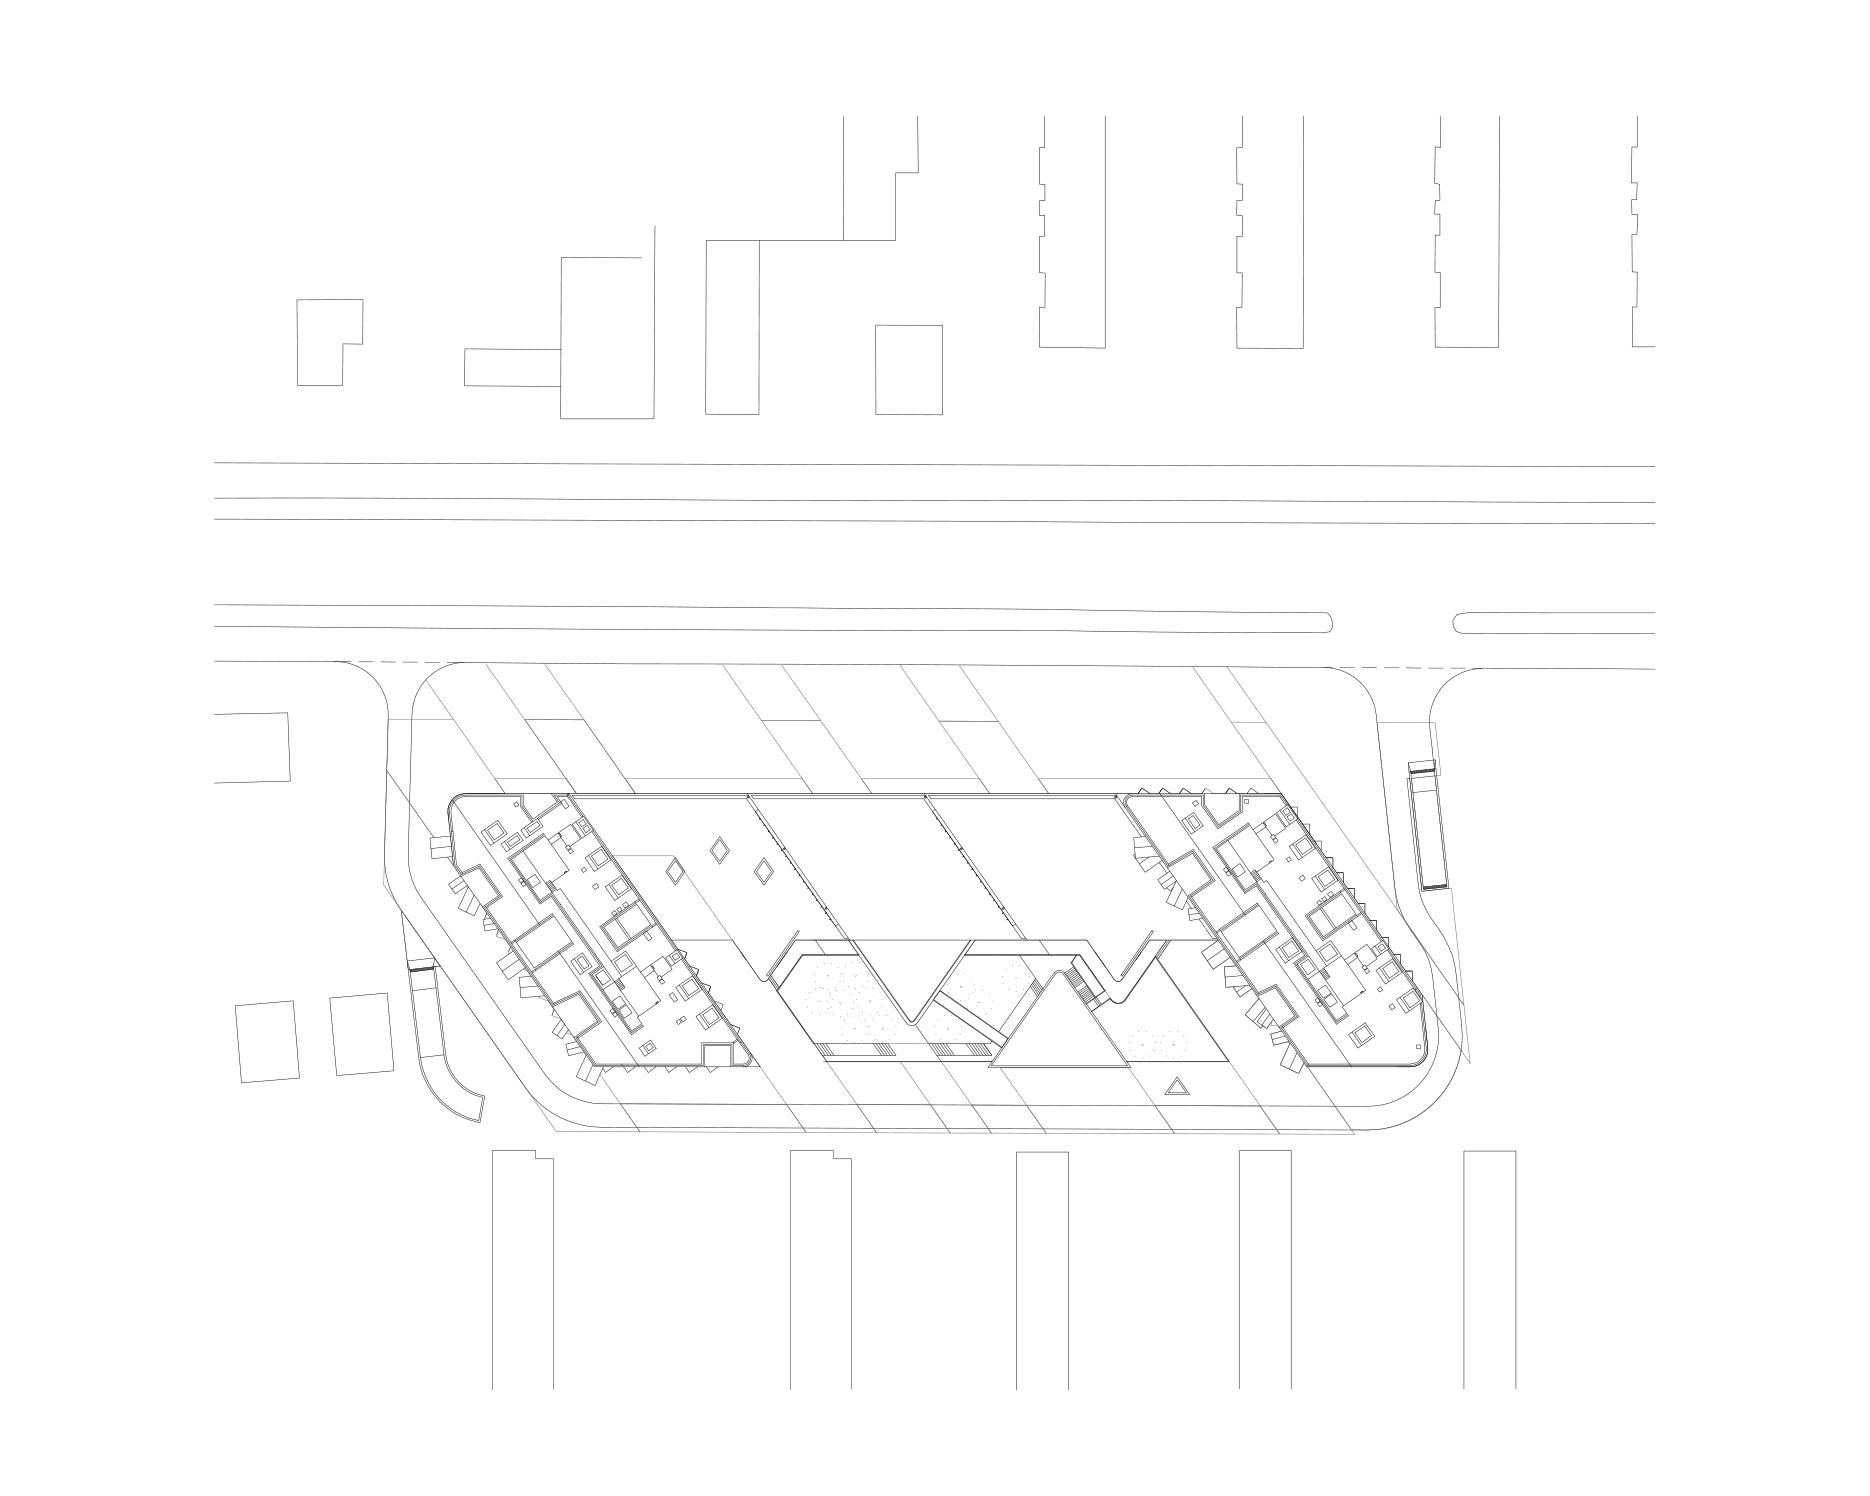 19_总平面图site_plan1-2000.jpg